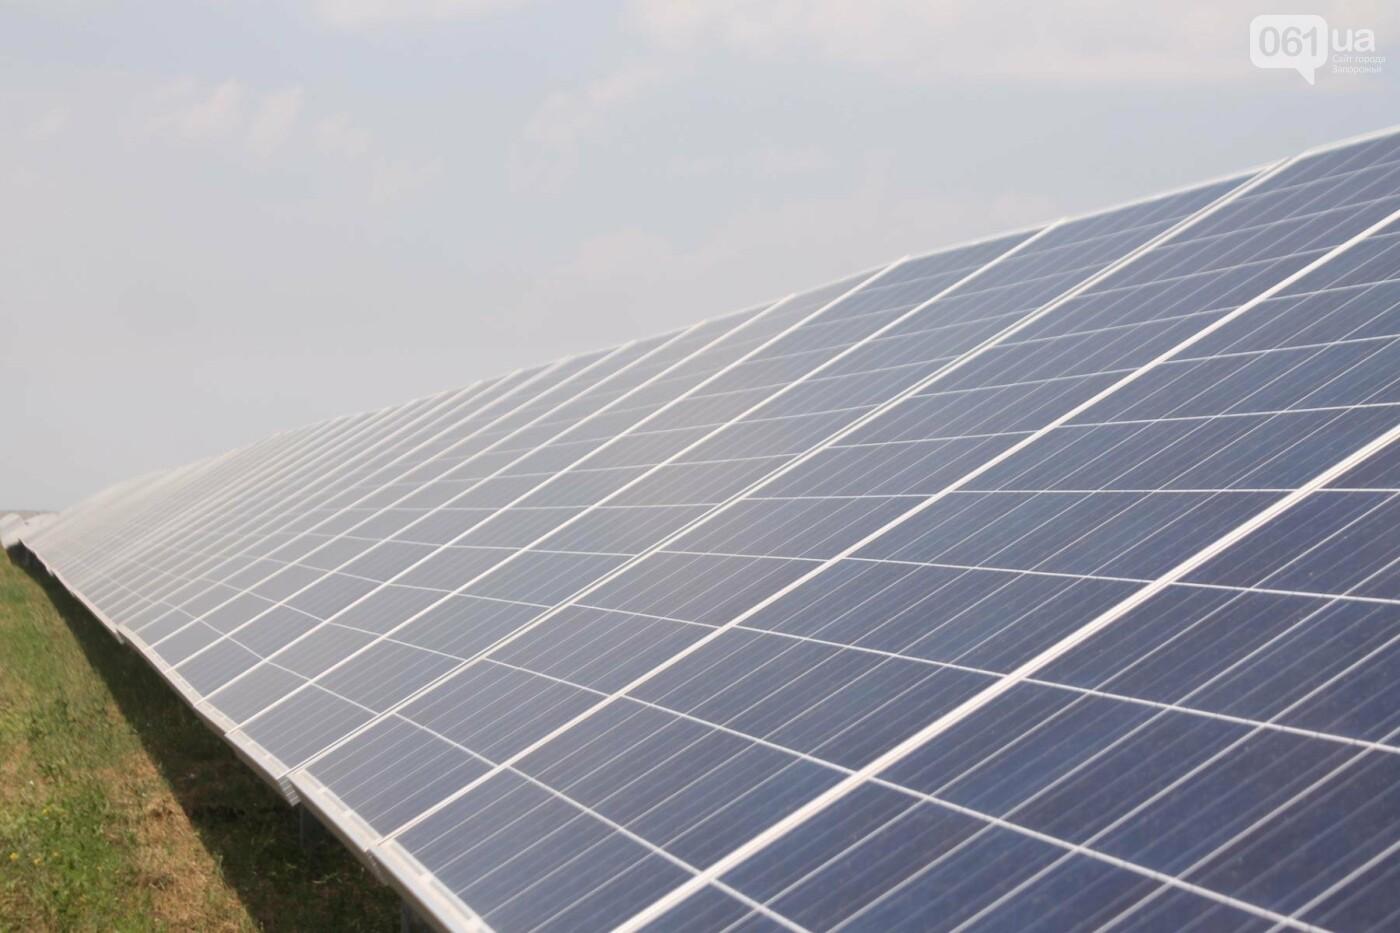 Как в Запорожской области работает крупнейшая в Украине солнечная станция: экскурсия на производство, — ФОТОРЕПОРТАЖ, фото-10